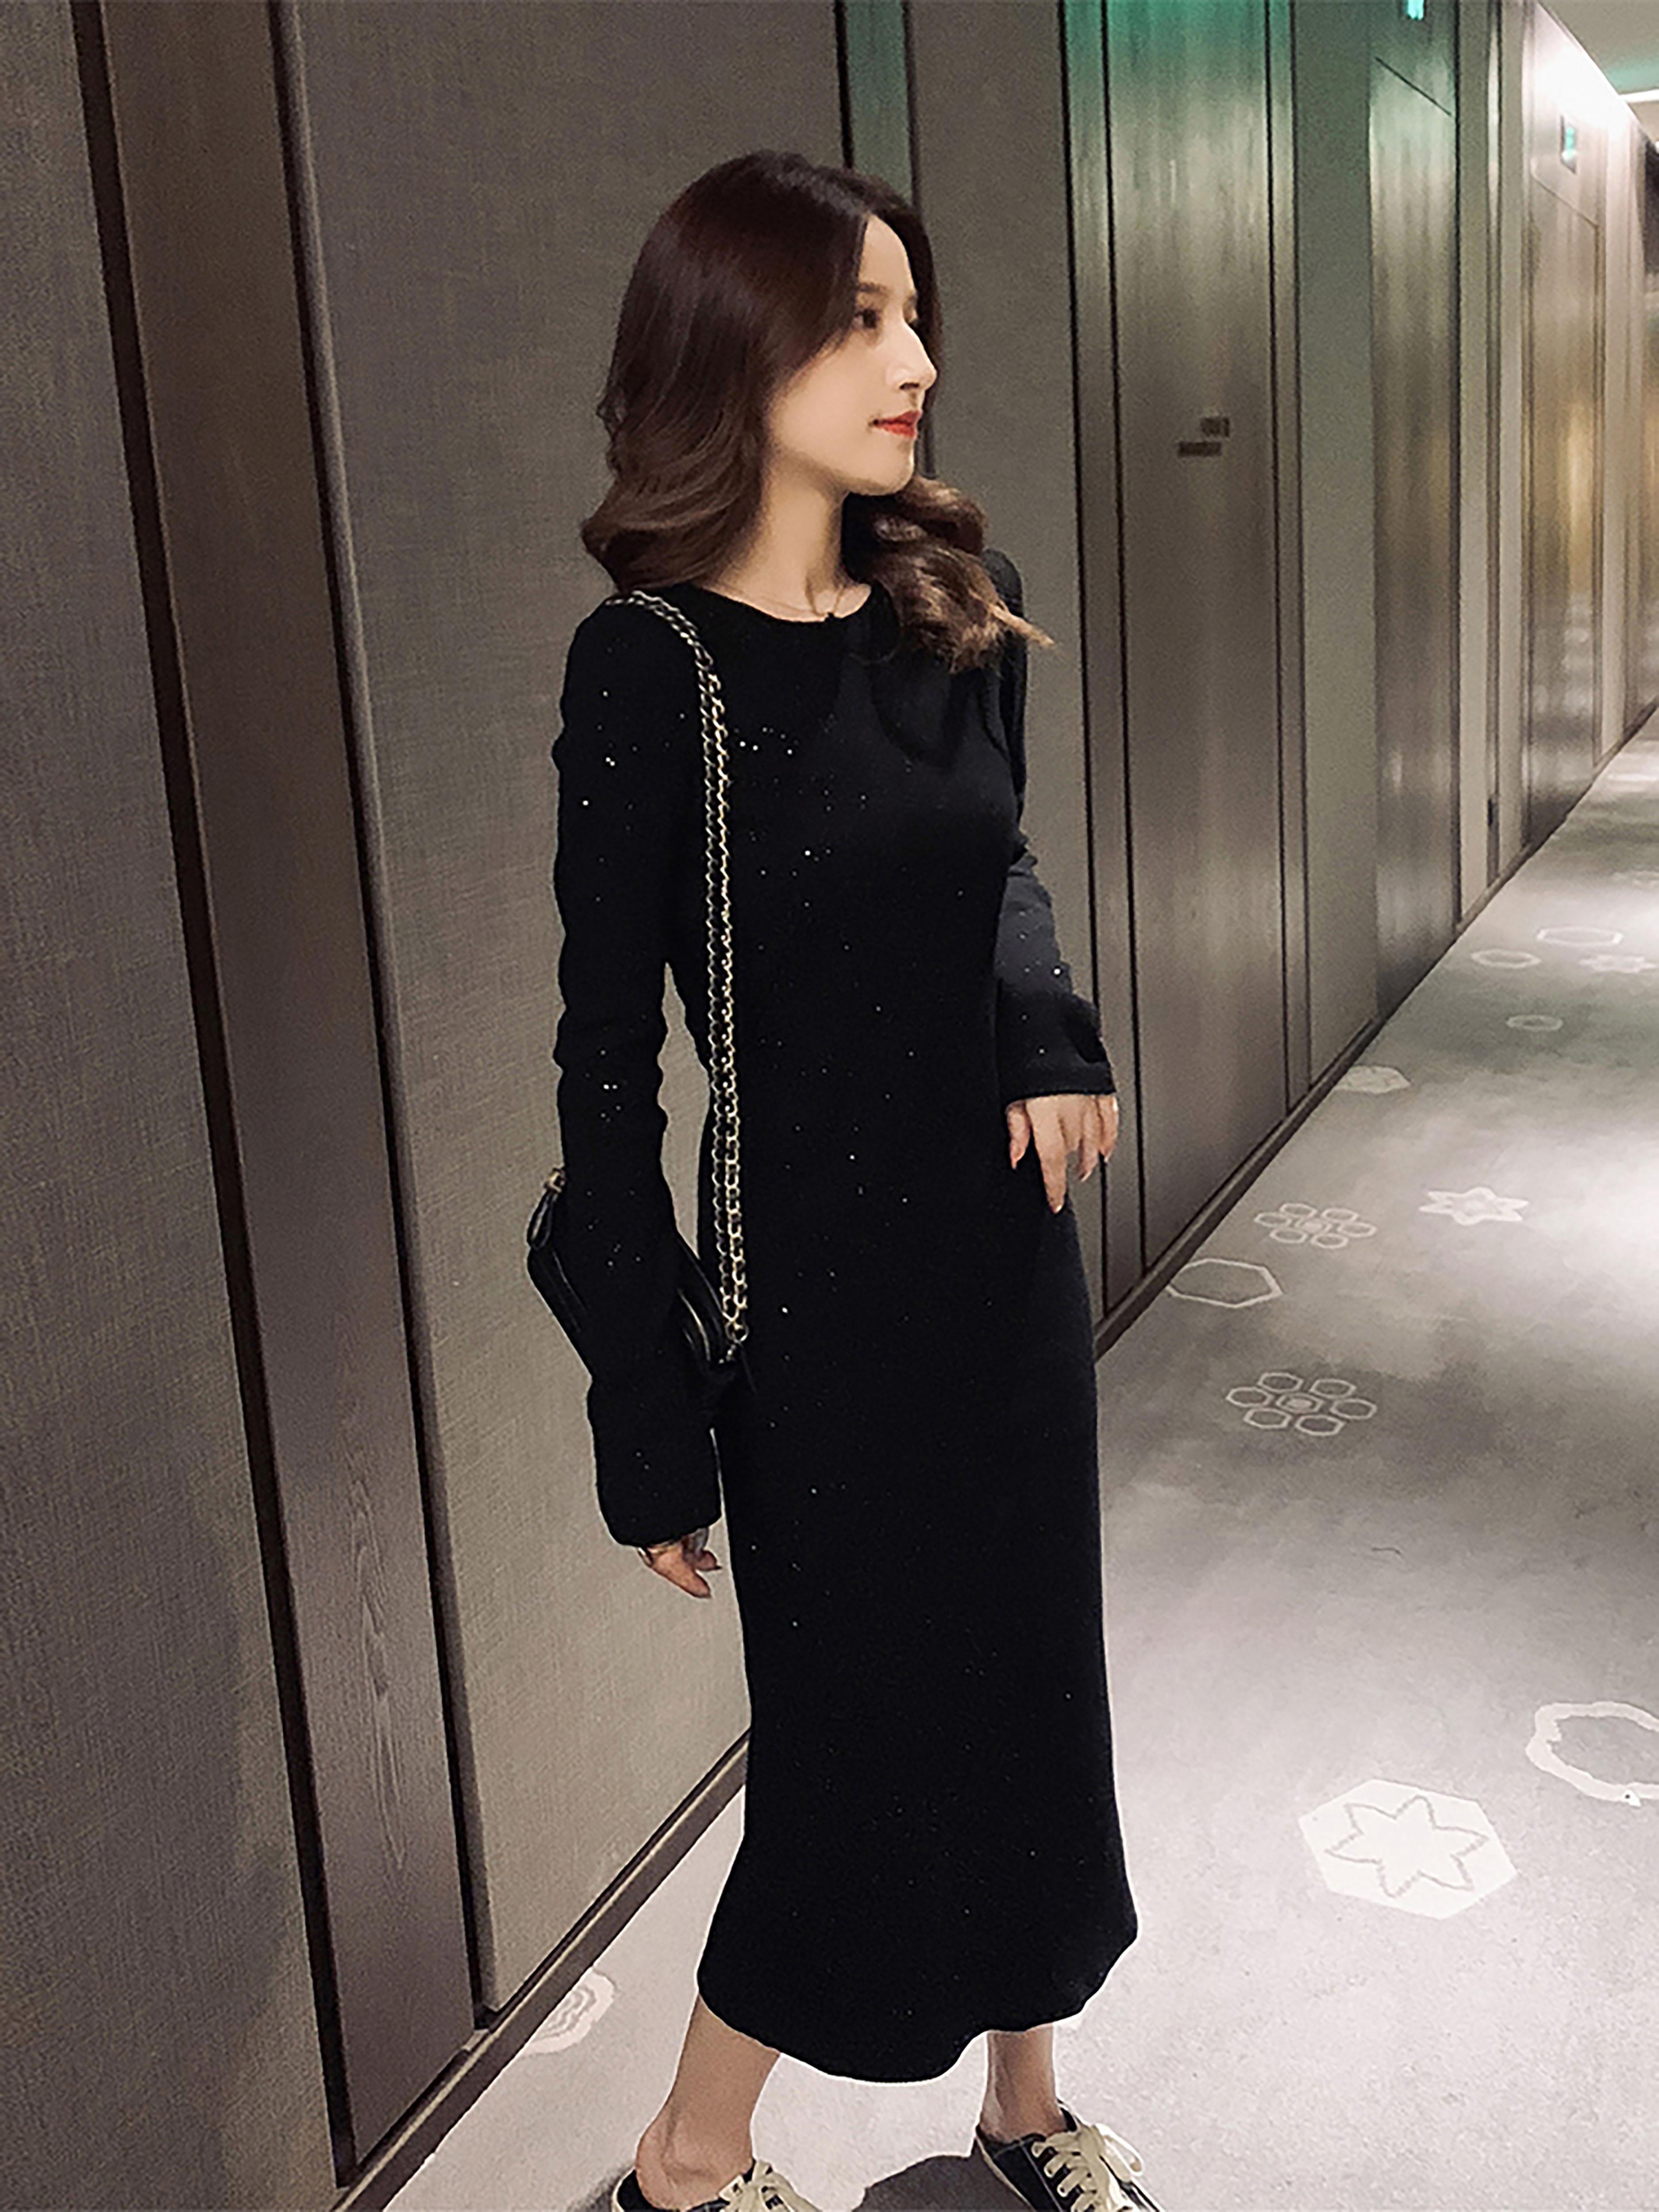 秋季新款韩版高腰长袖打底裙女黑色修身显瘦连衣裙闪闪厌世风长裙